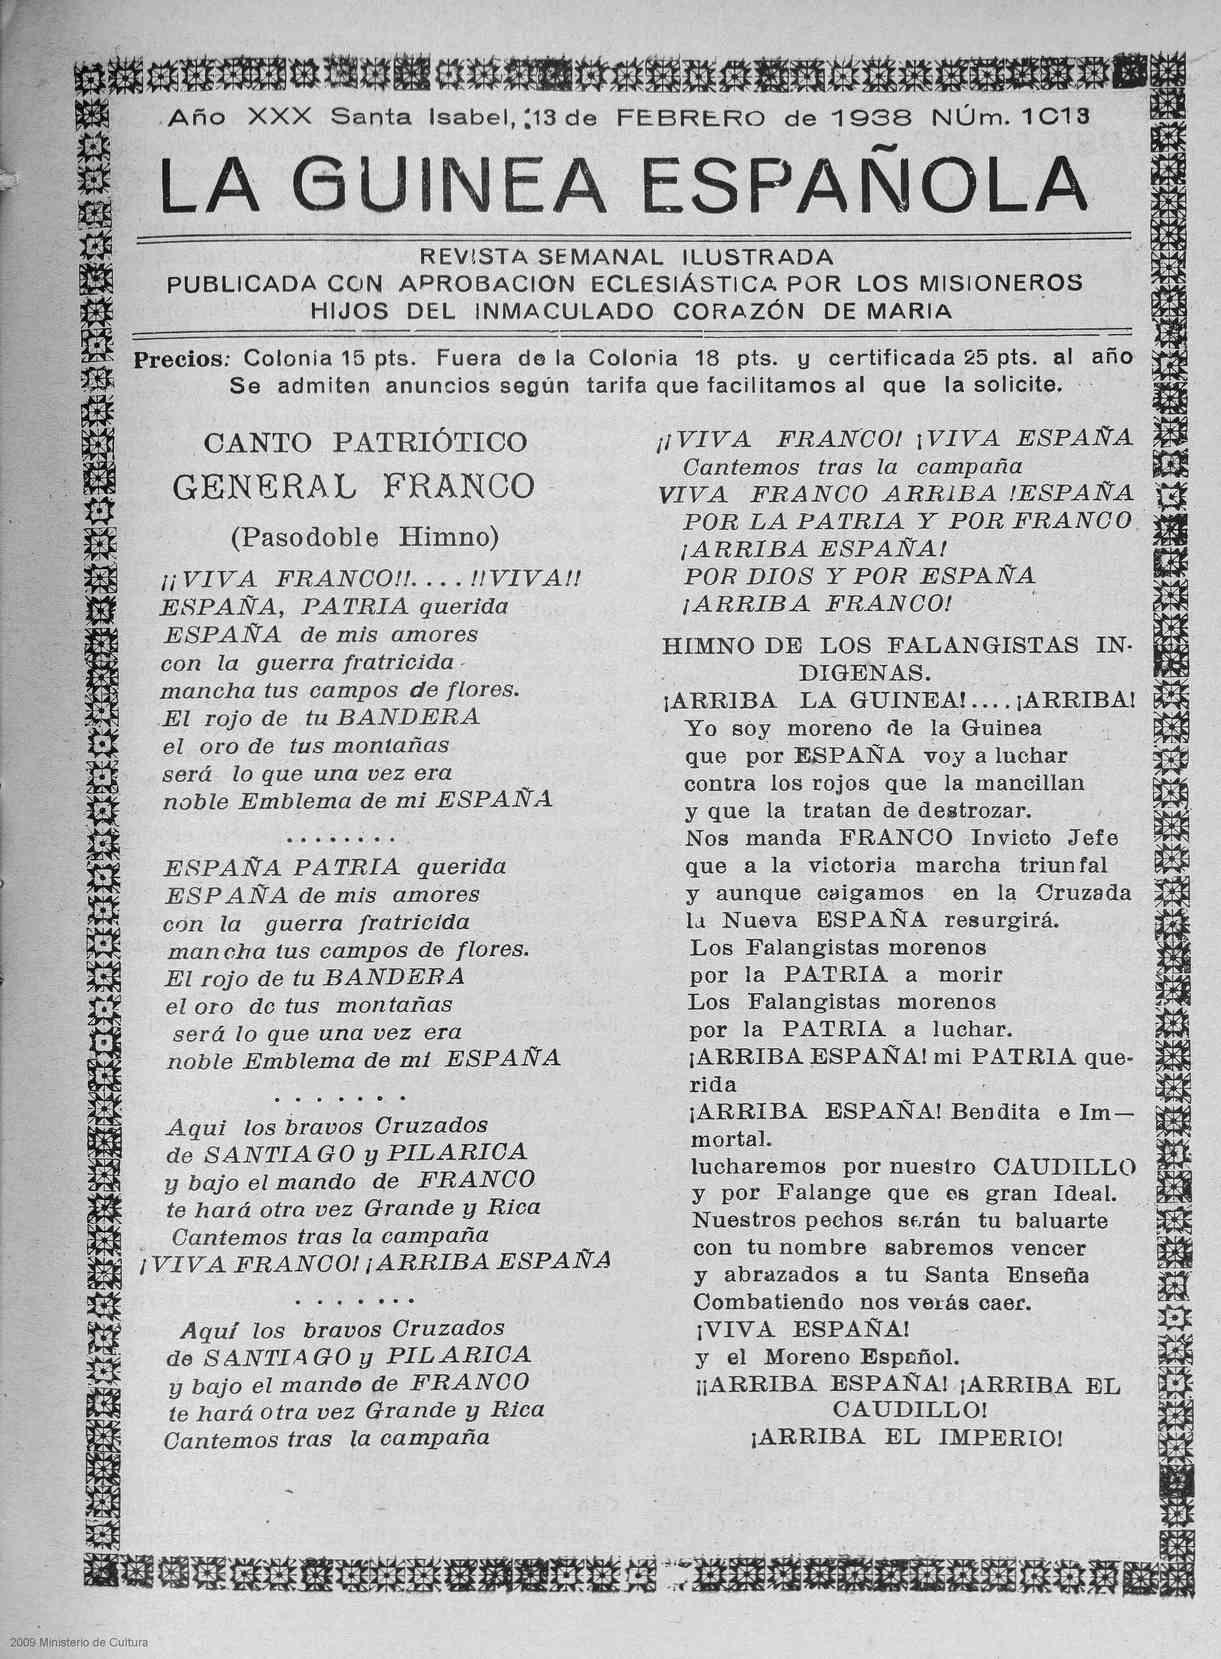 La Guinea Española  (13 de febrero de 1938)